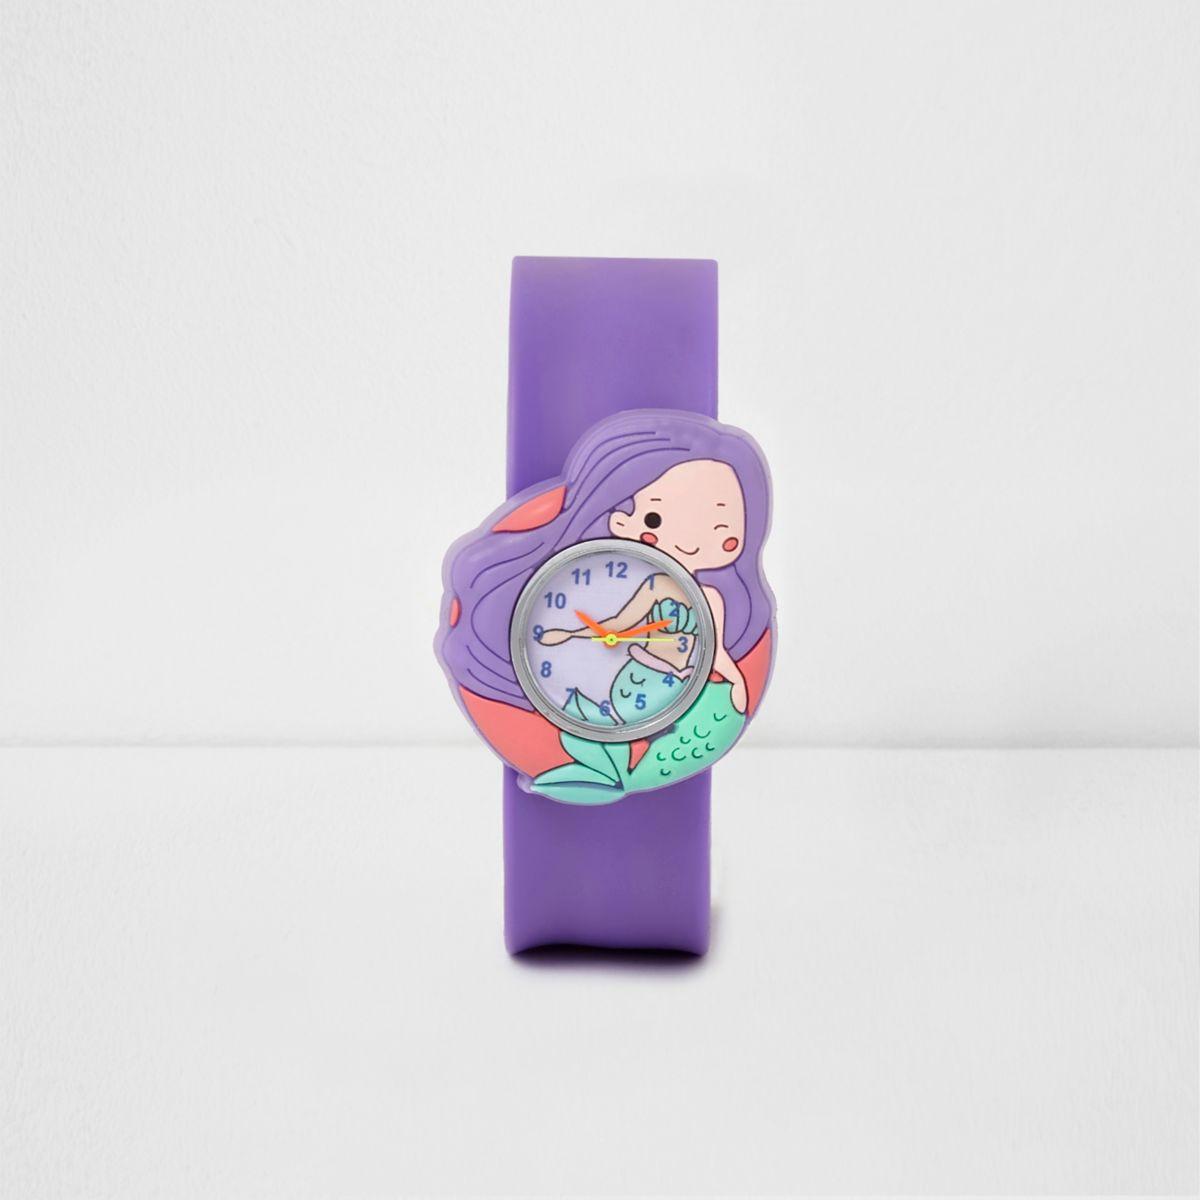 Lila Armbanduhr mit Meerjungfrauendesign